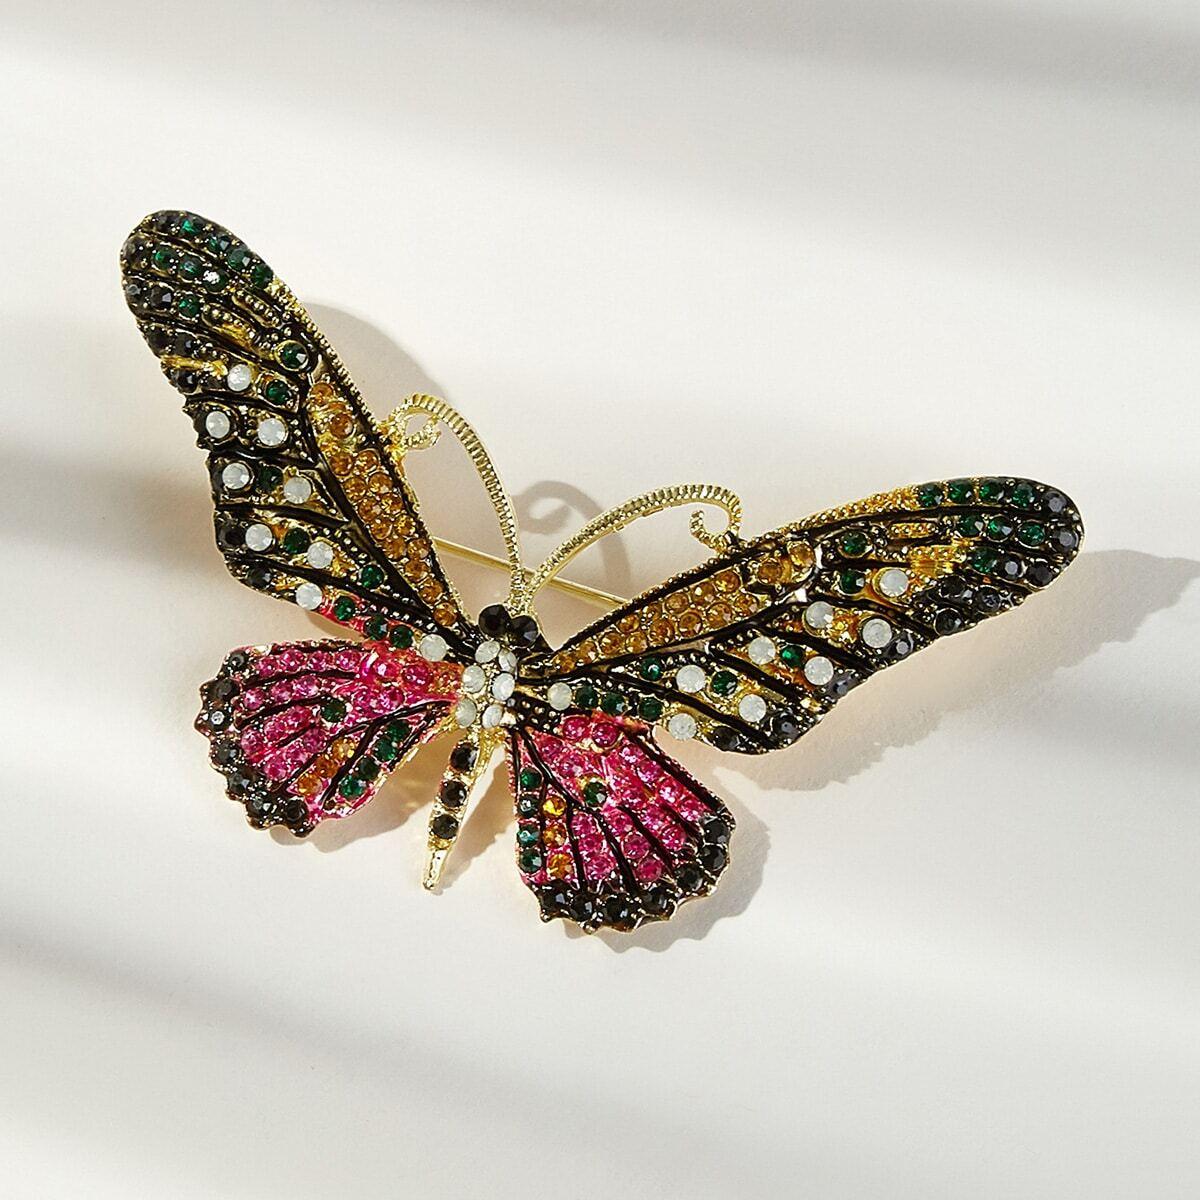 Schmetterlinge Brosche mit Strass Dekor 1pc